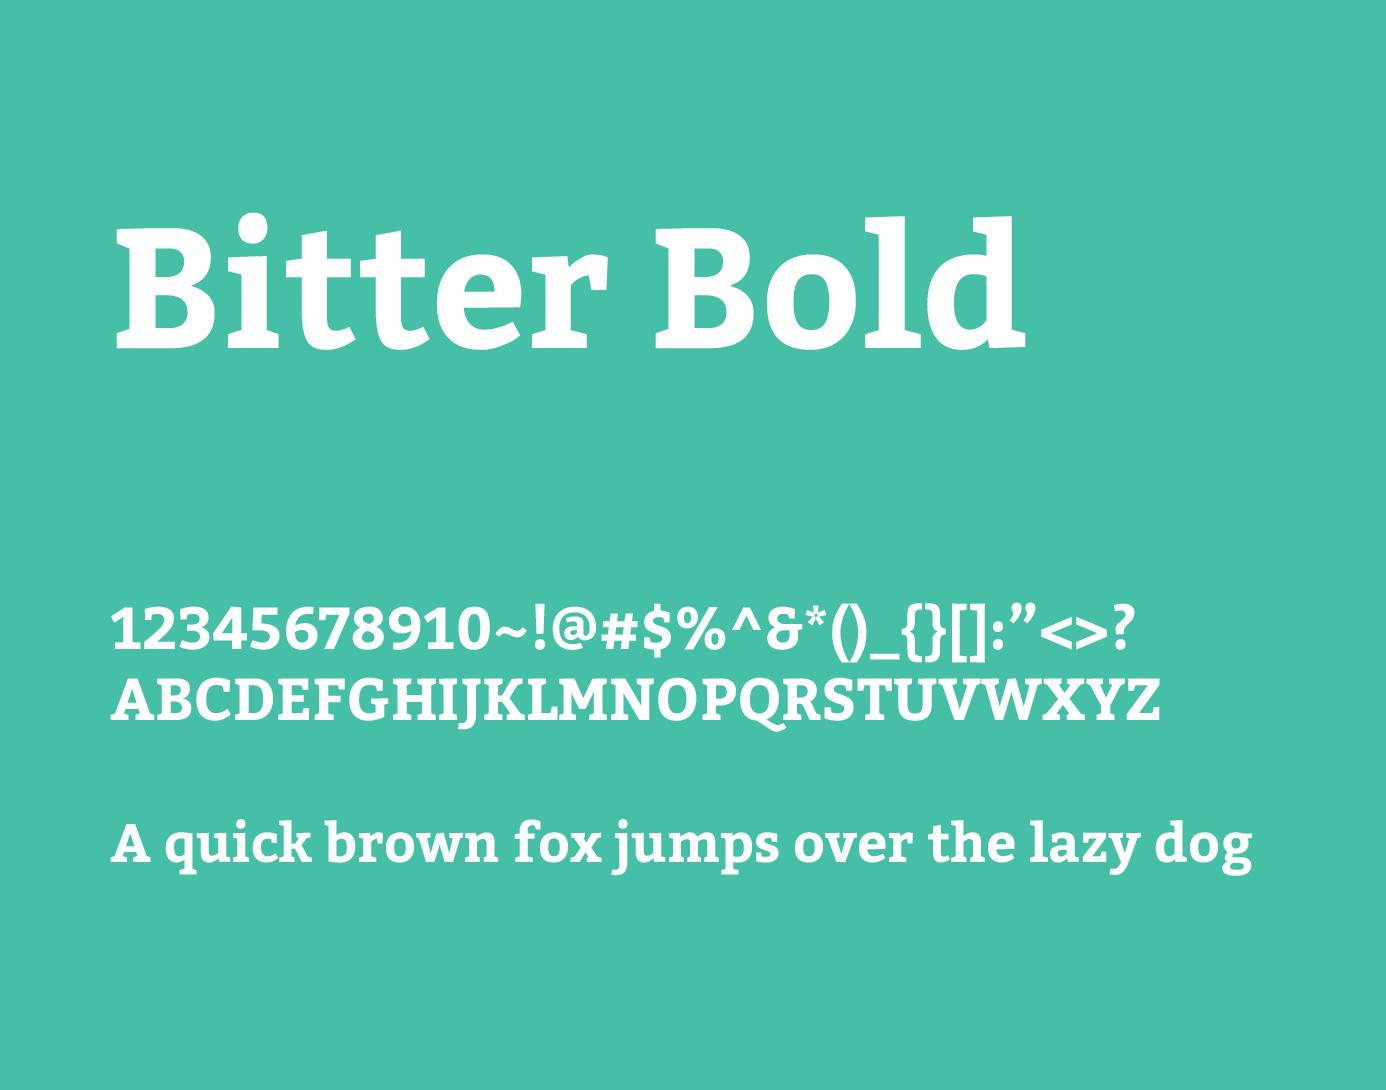 bitter bold